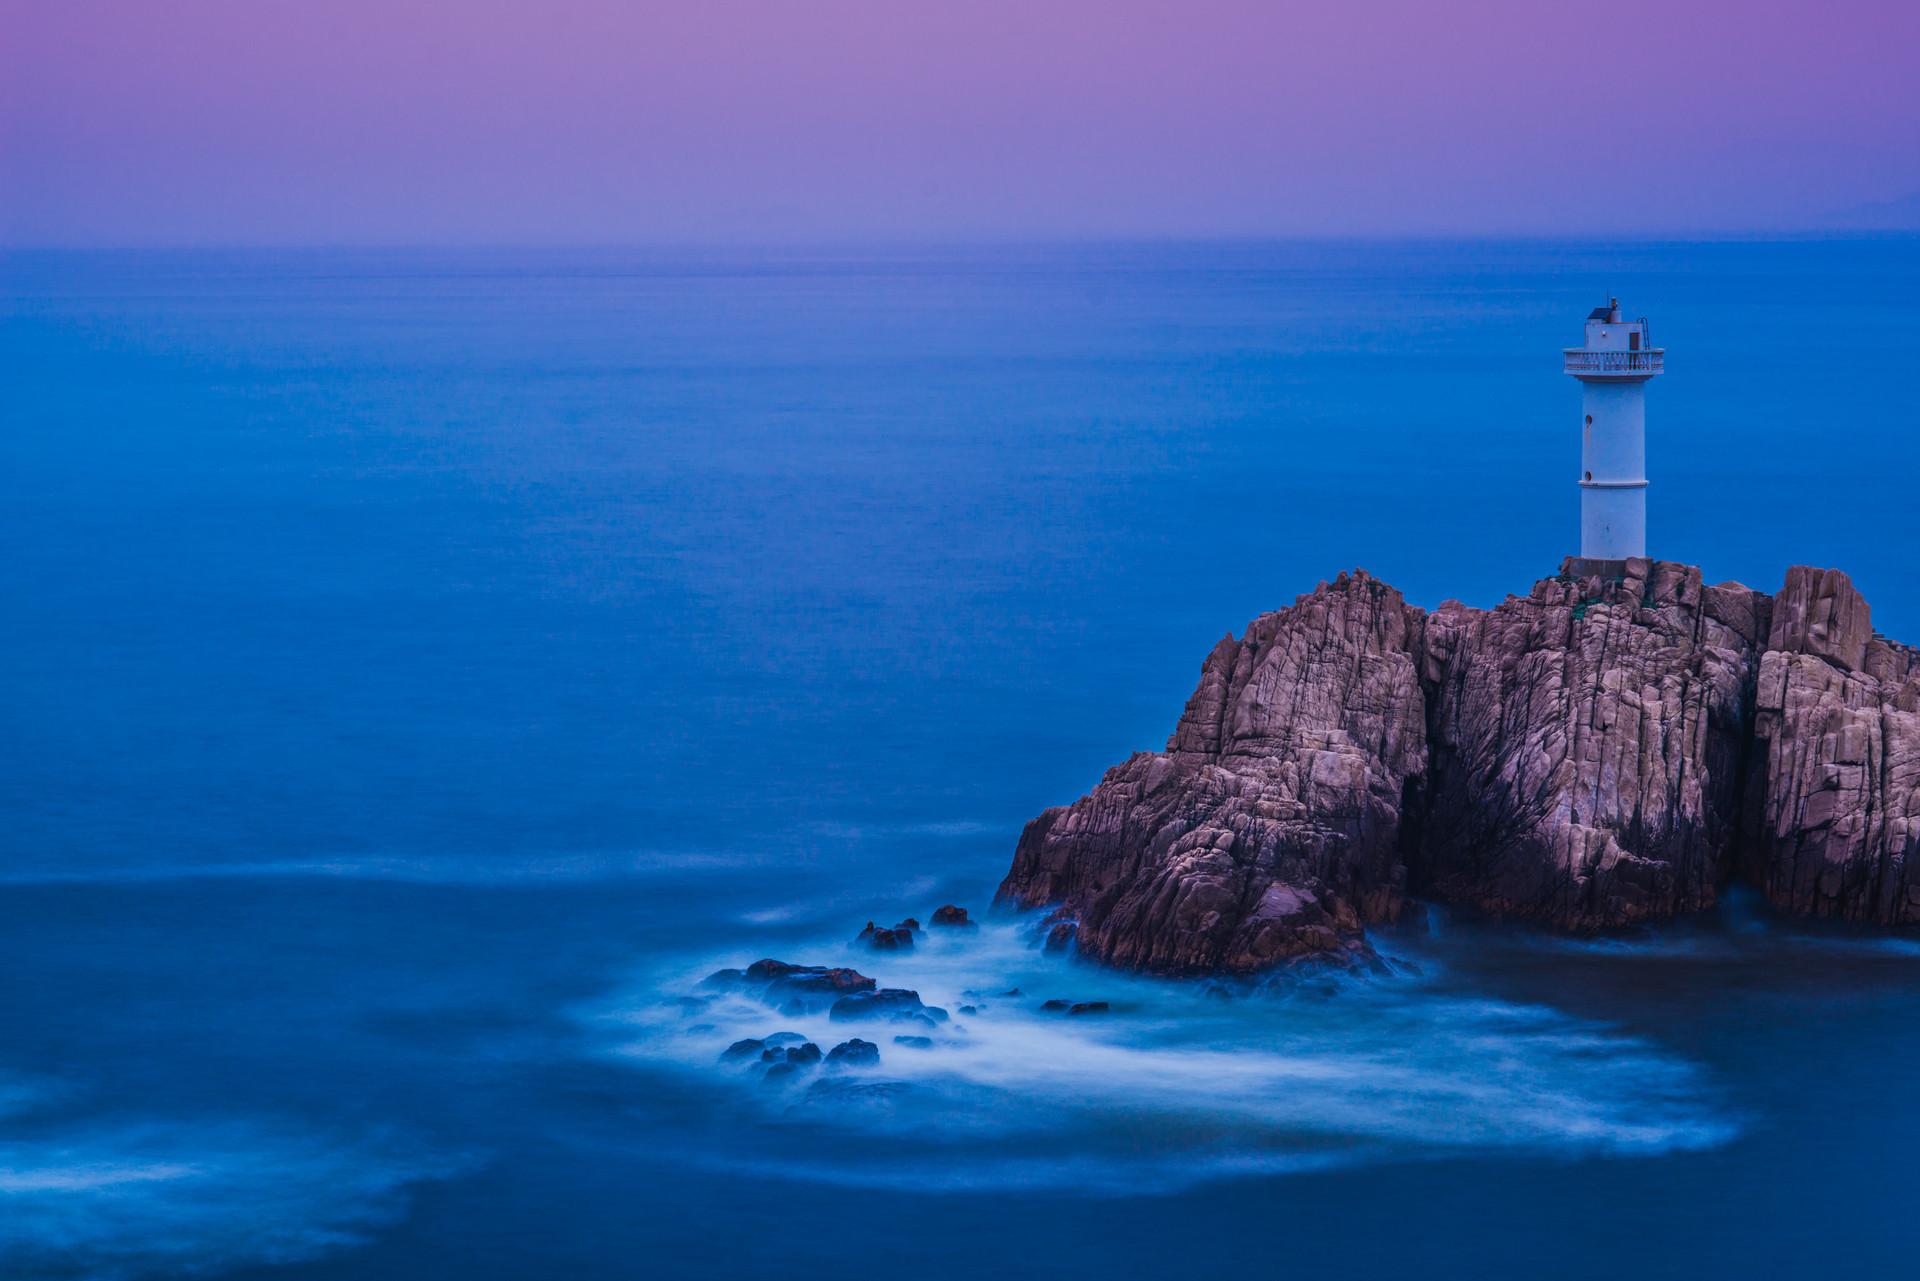 浙江东极岛旅游攻略_浙江少见的纯净海岛,因韩寒拍摄《后会无期》一举成名_东极岛